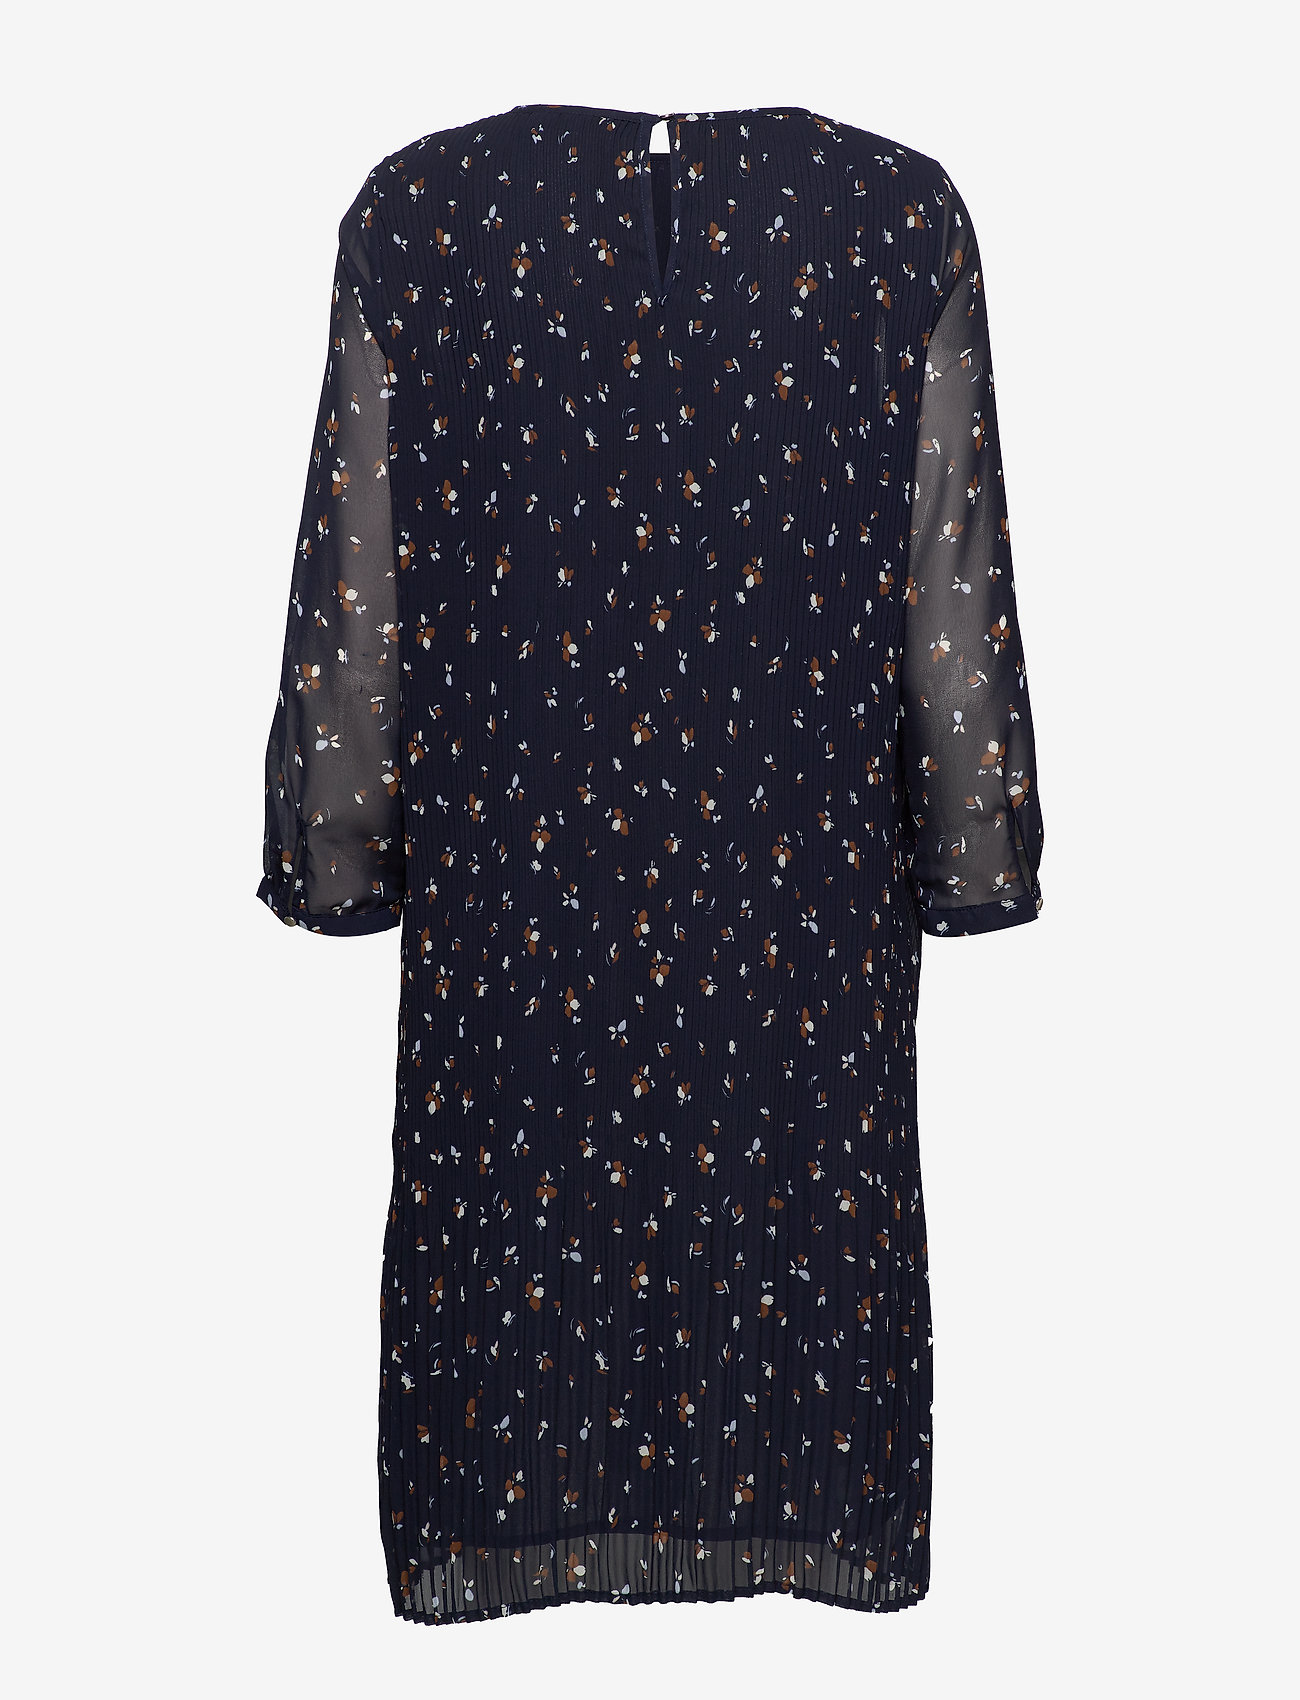 Ryanniw Dress (Blue Scattered Flowers) - InWear 3L6tXk